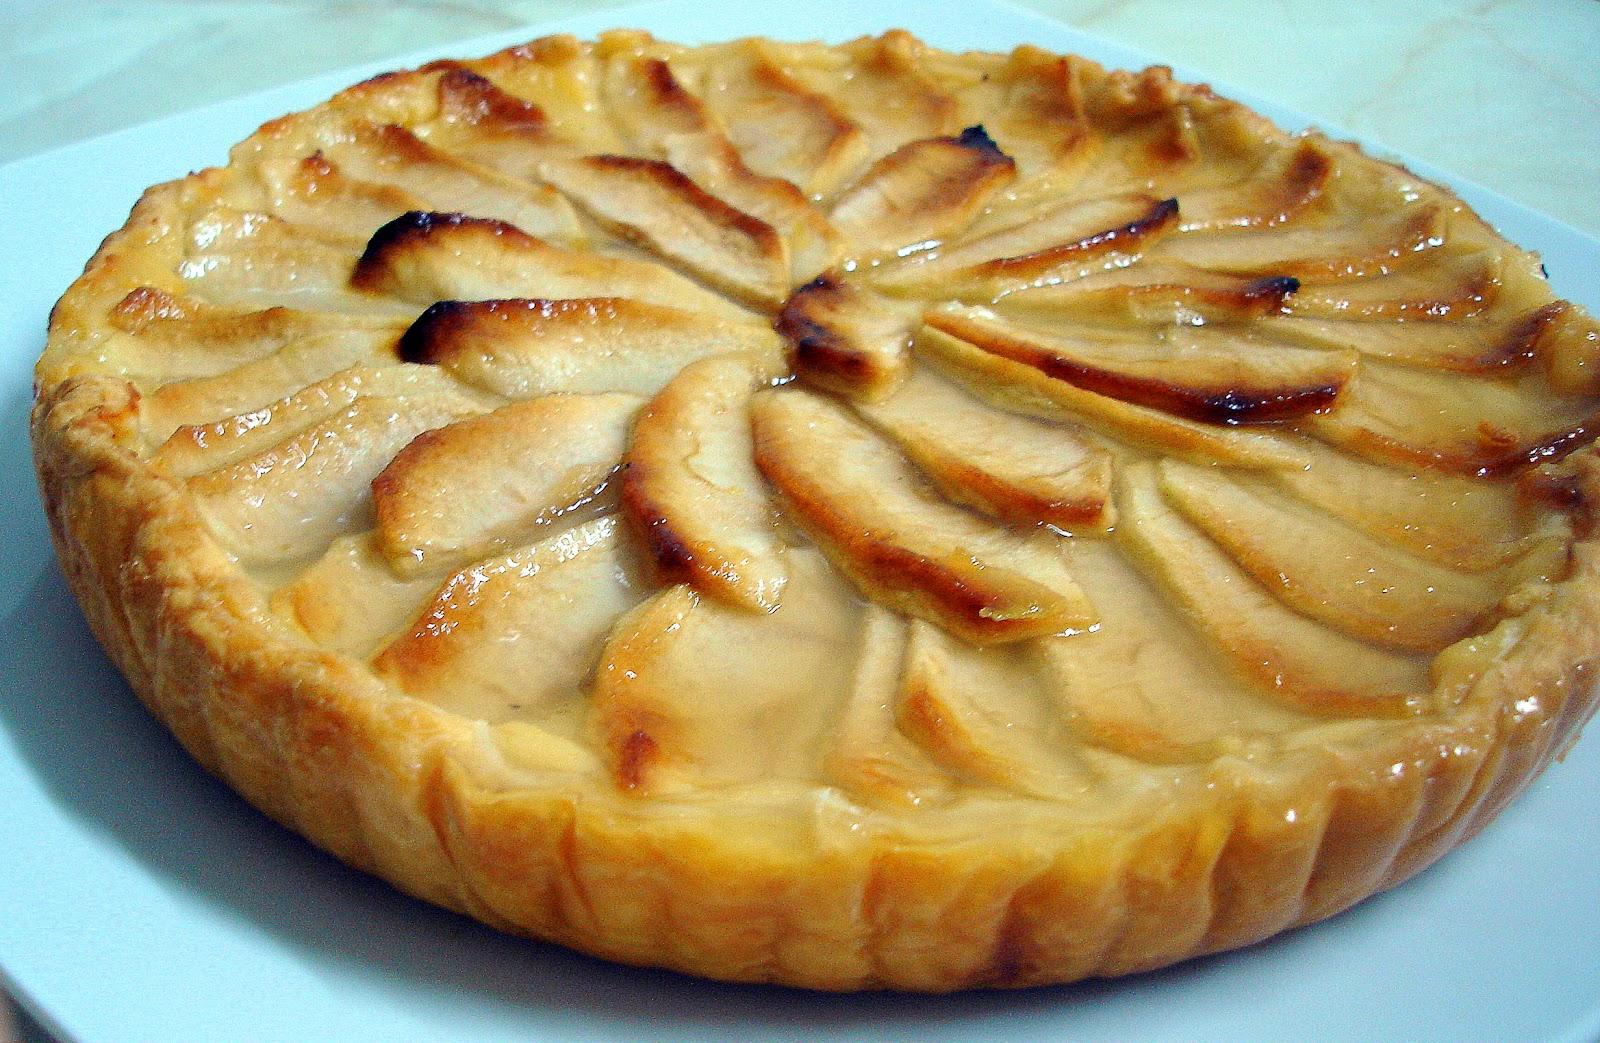 праздник пирог из яблок картинки выясняется, что